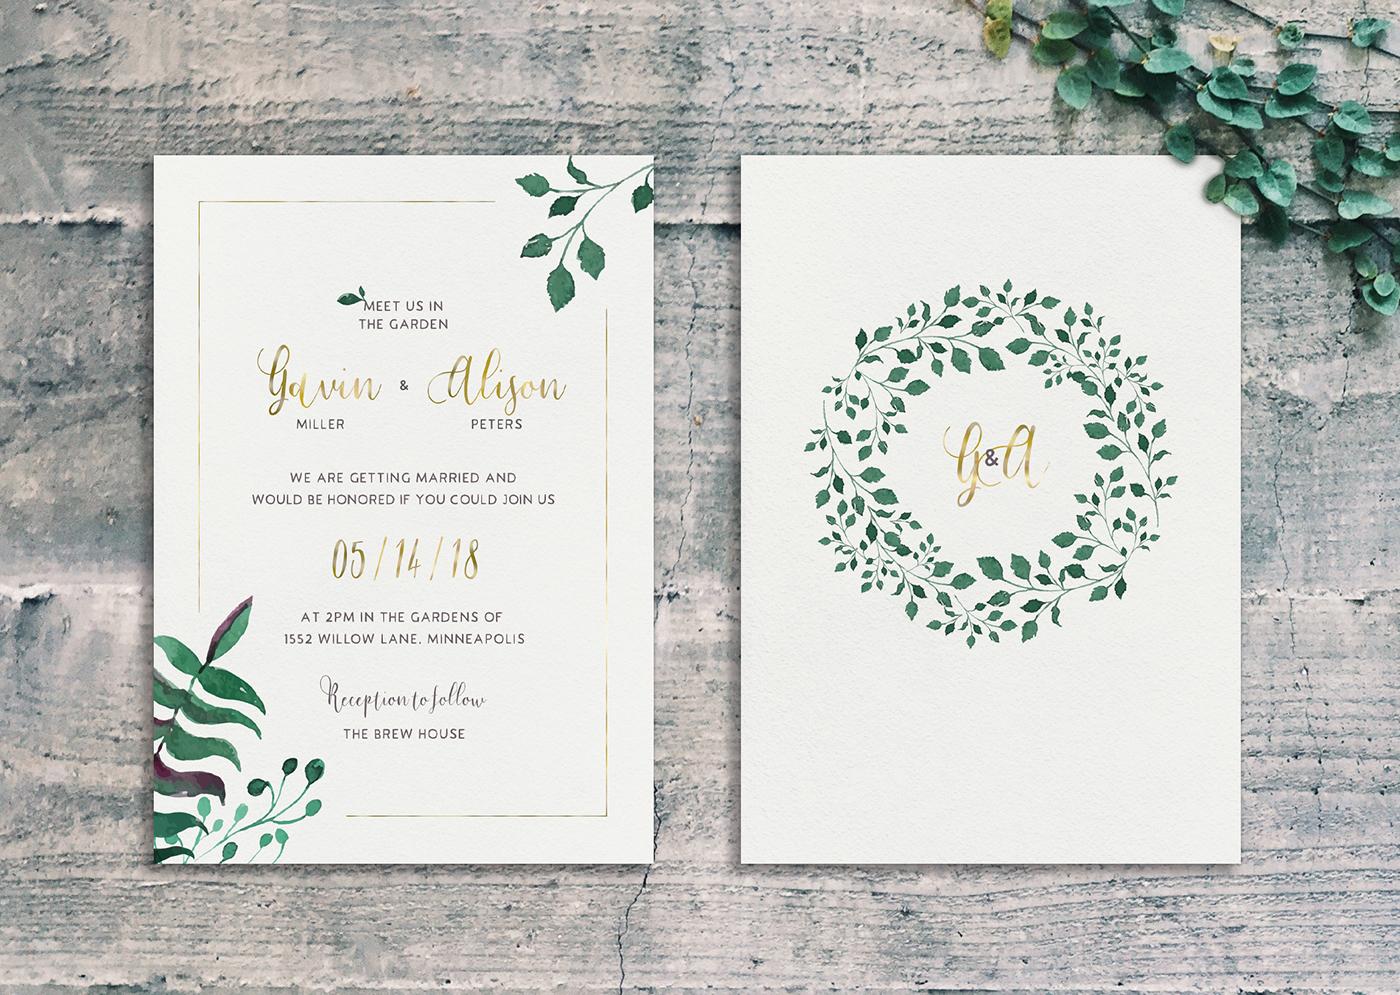 Garden wedding: Gavin & Alison on Behance